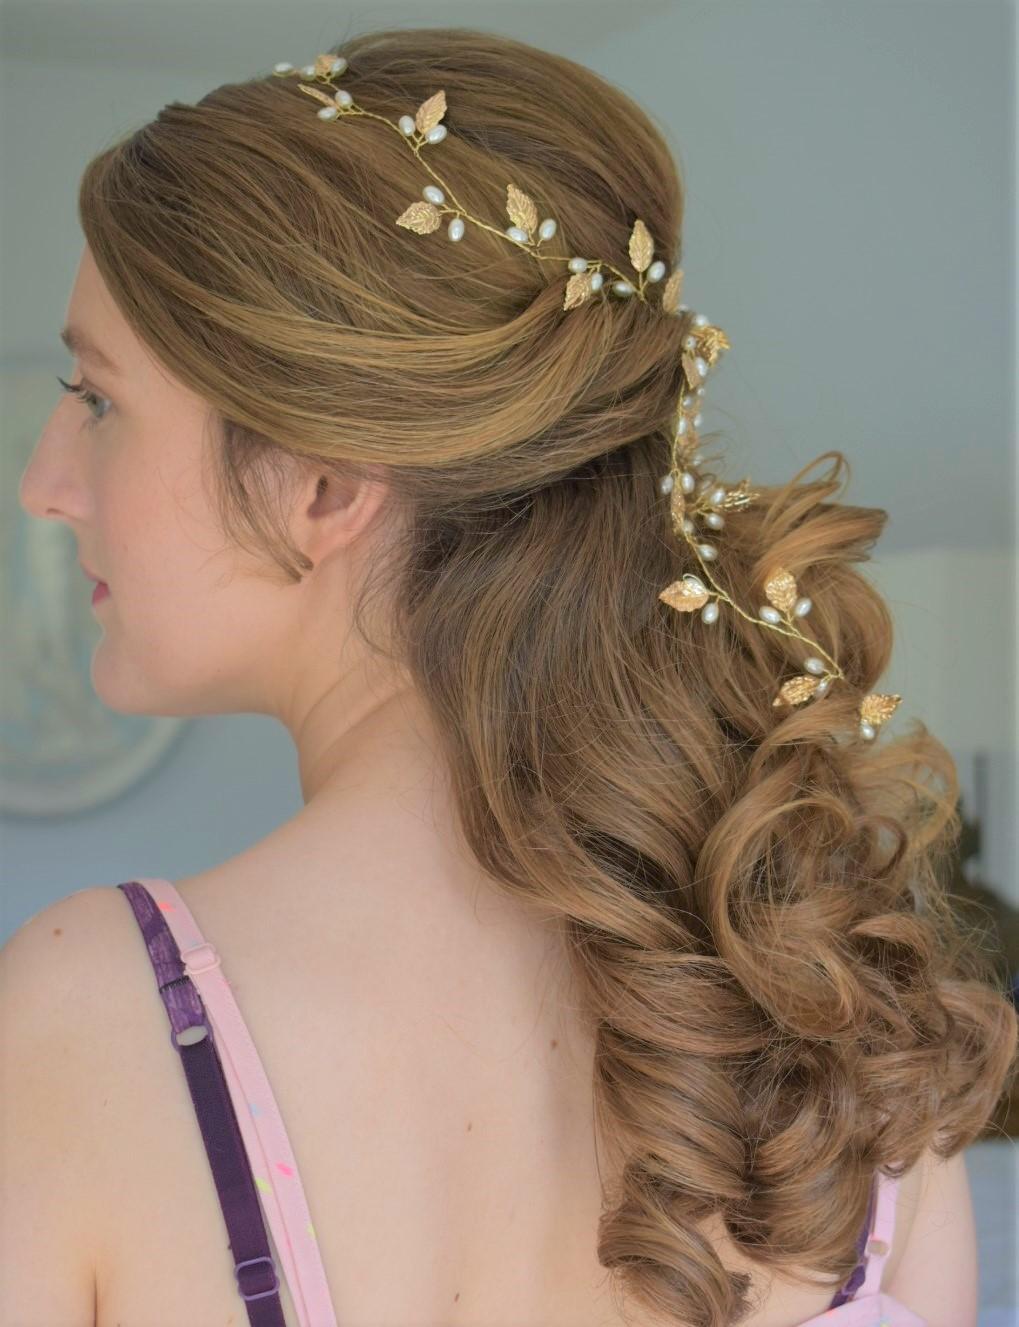 Image by Juliet Draper Hair & Makeup Artist